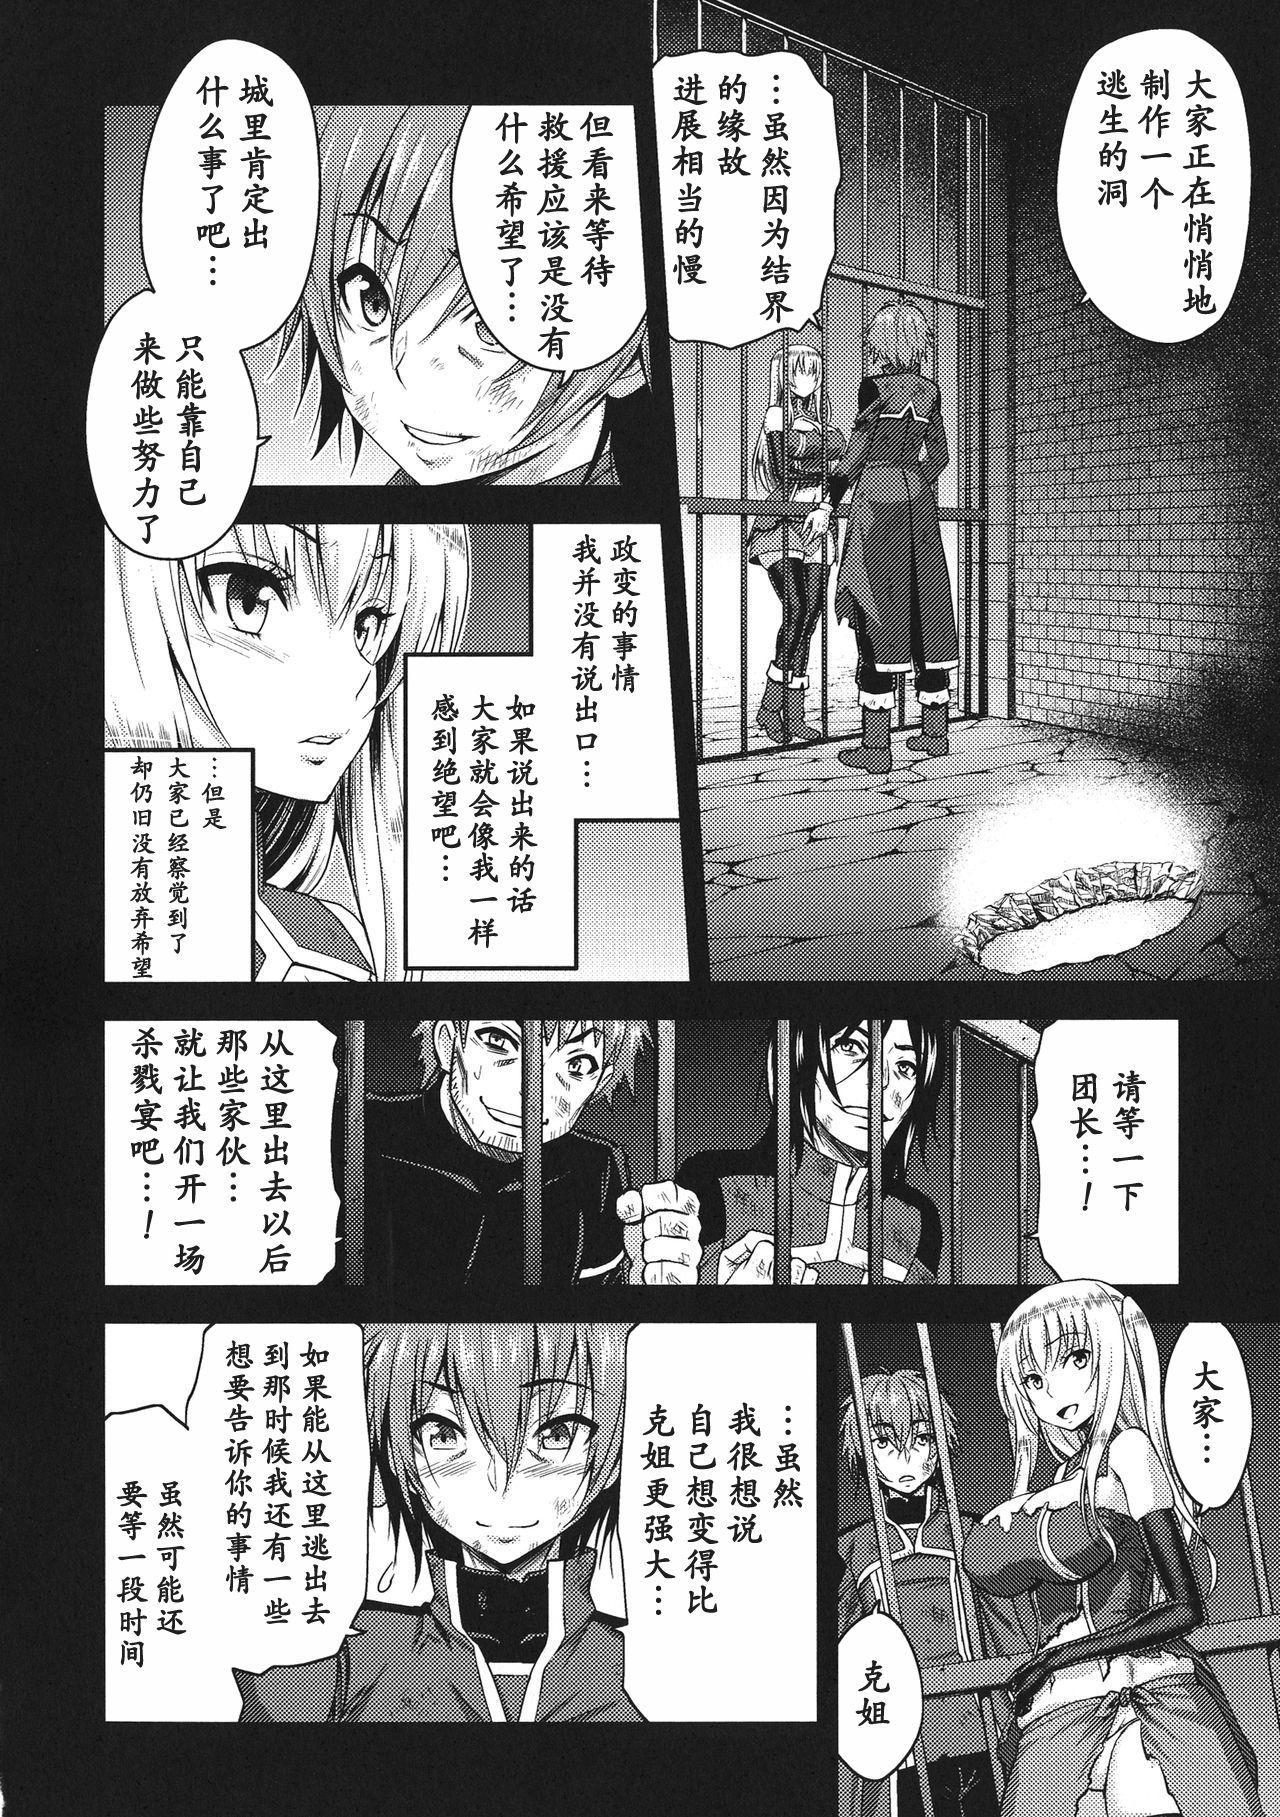 ERONA Orc no Inmon ni Okasareta Onna Kishi no Matsuro Ch. 1-5 59